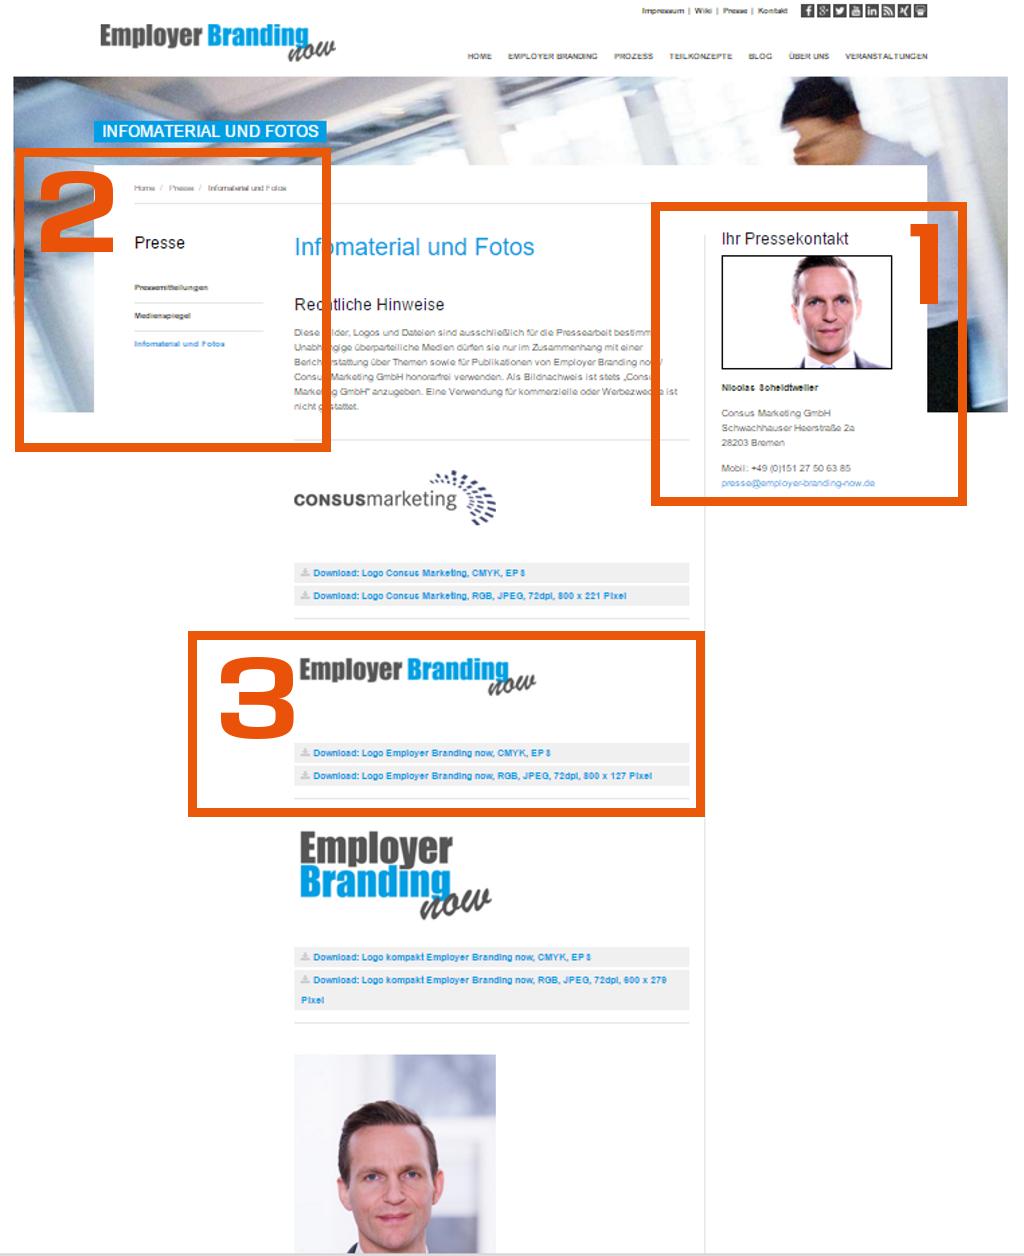 Employer Branding now - Pressedownloads - Pressebereich auf der Webseite